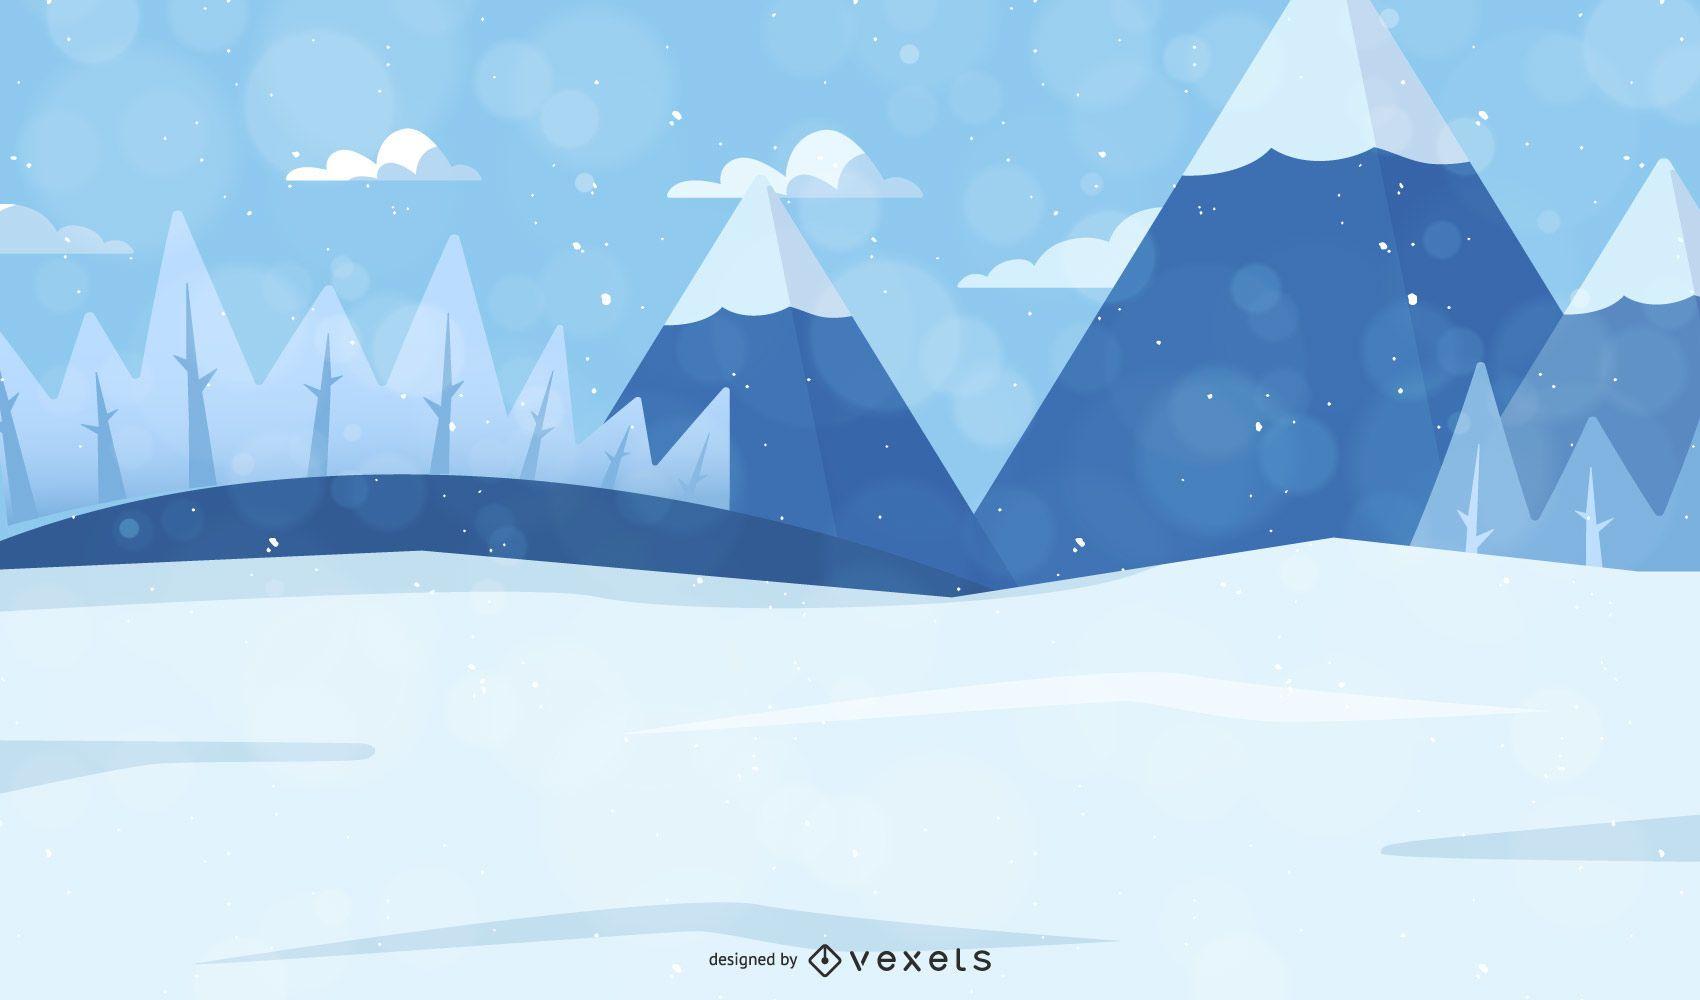 Árvores de Natal em paisagem de inverno com neve